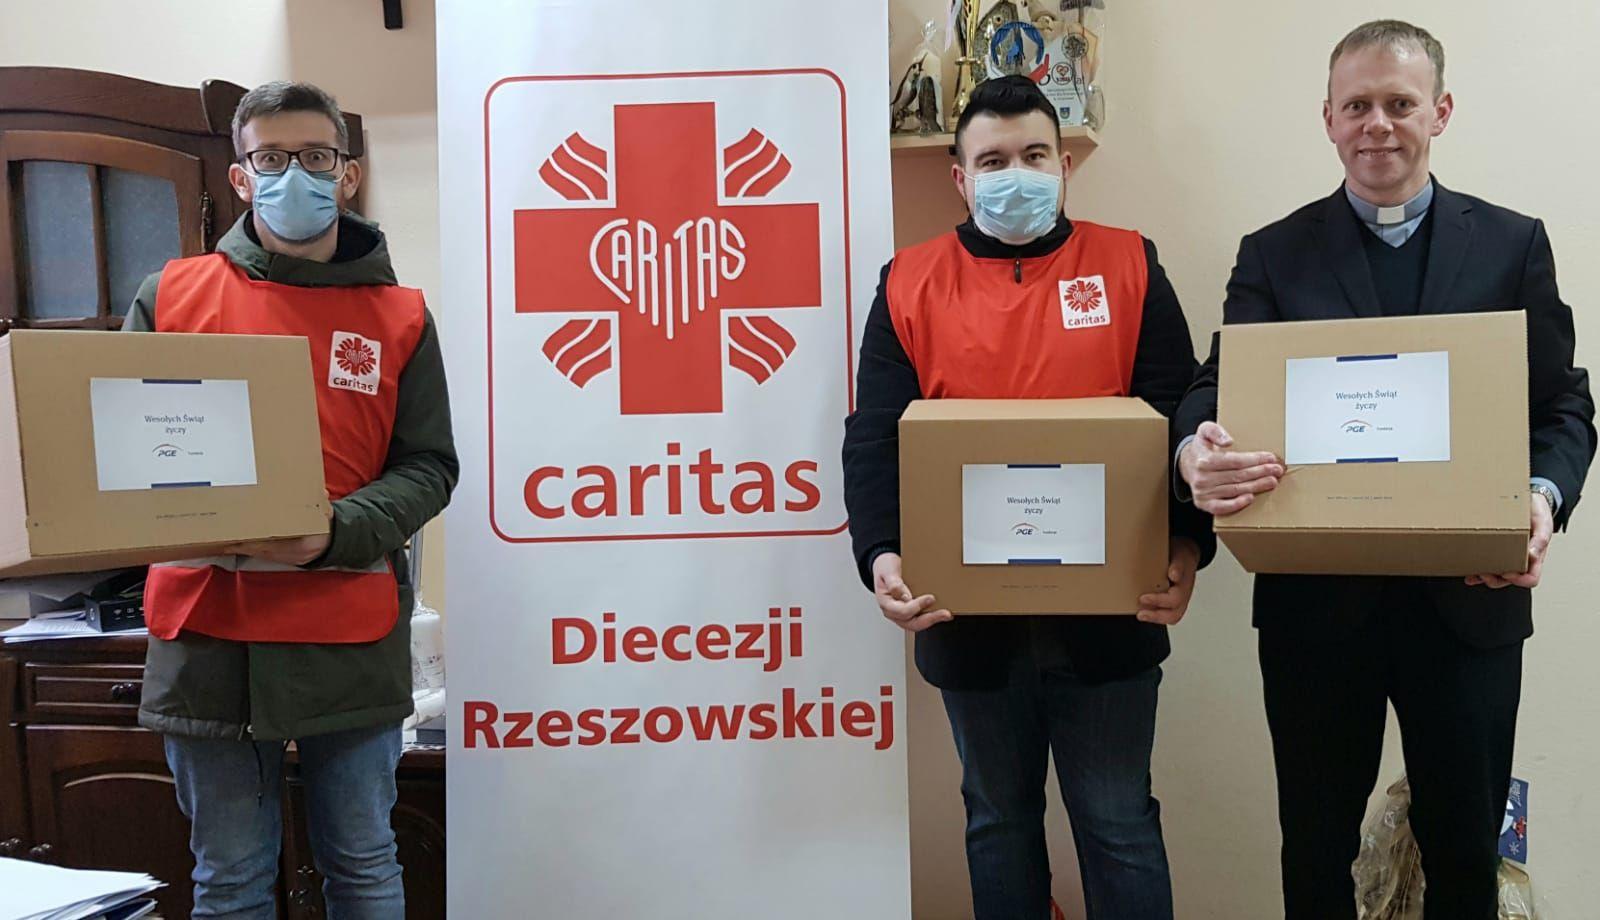 Wolontariusze Caritas Diecezji Rzeszowskiej  z paczkami dla seniorów